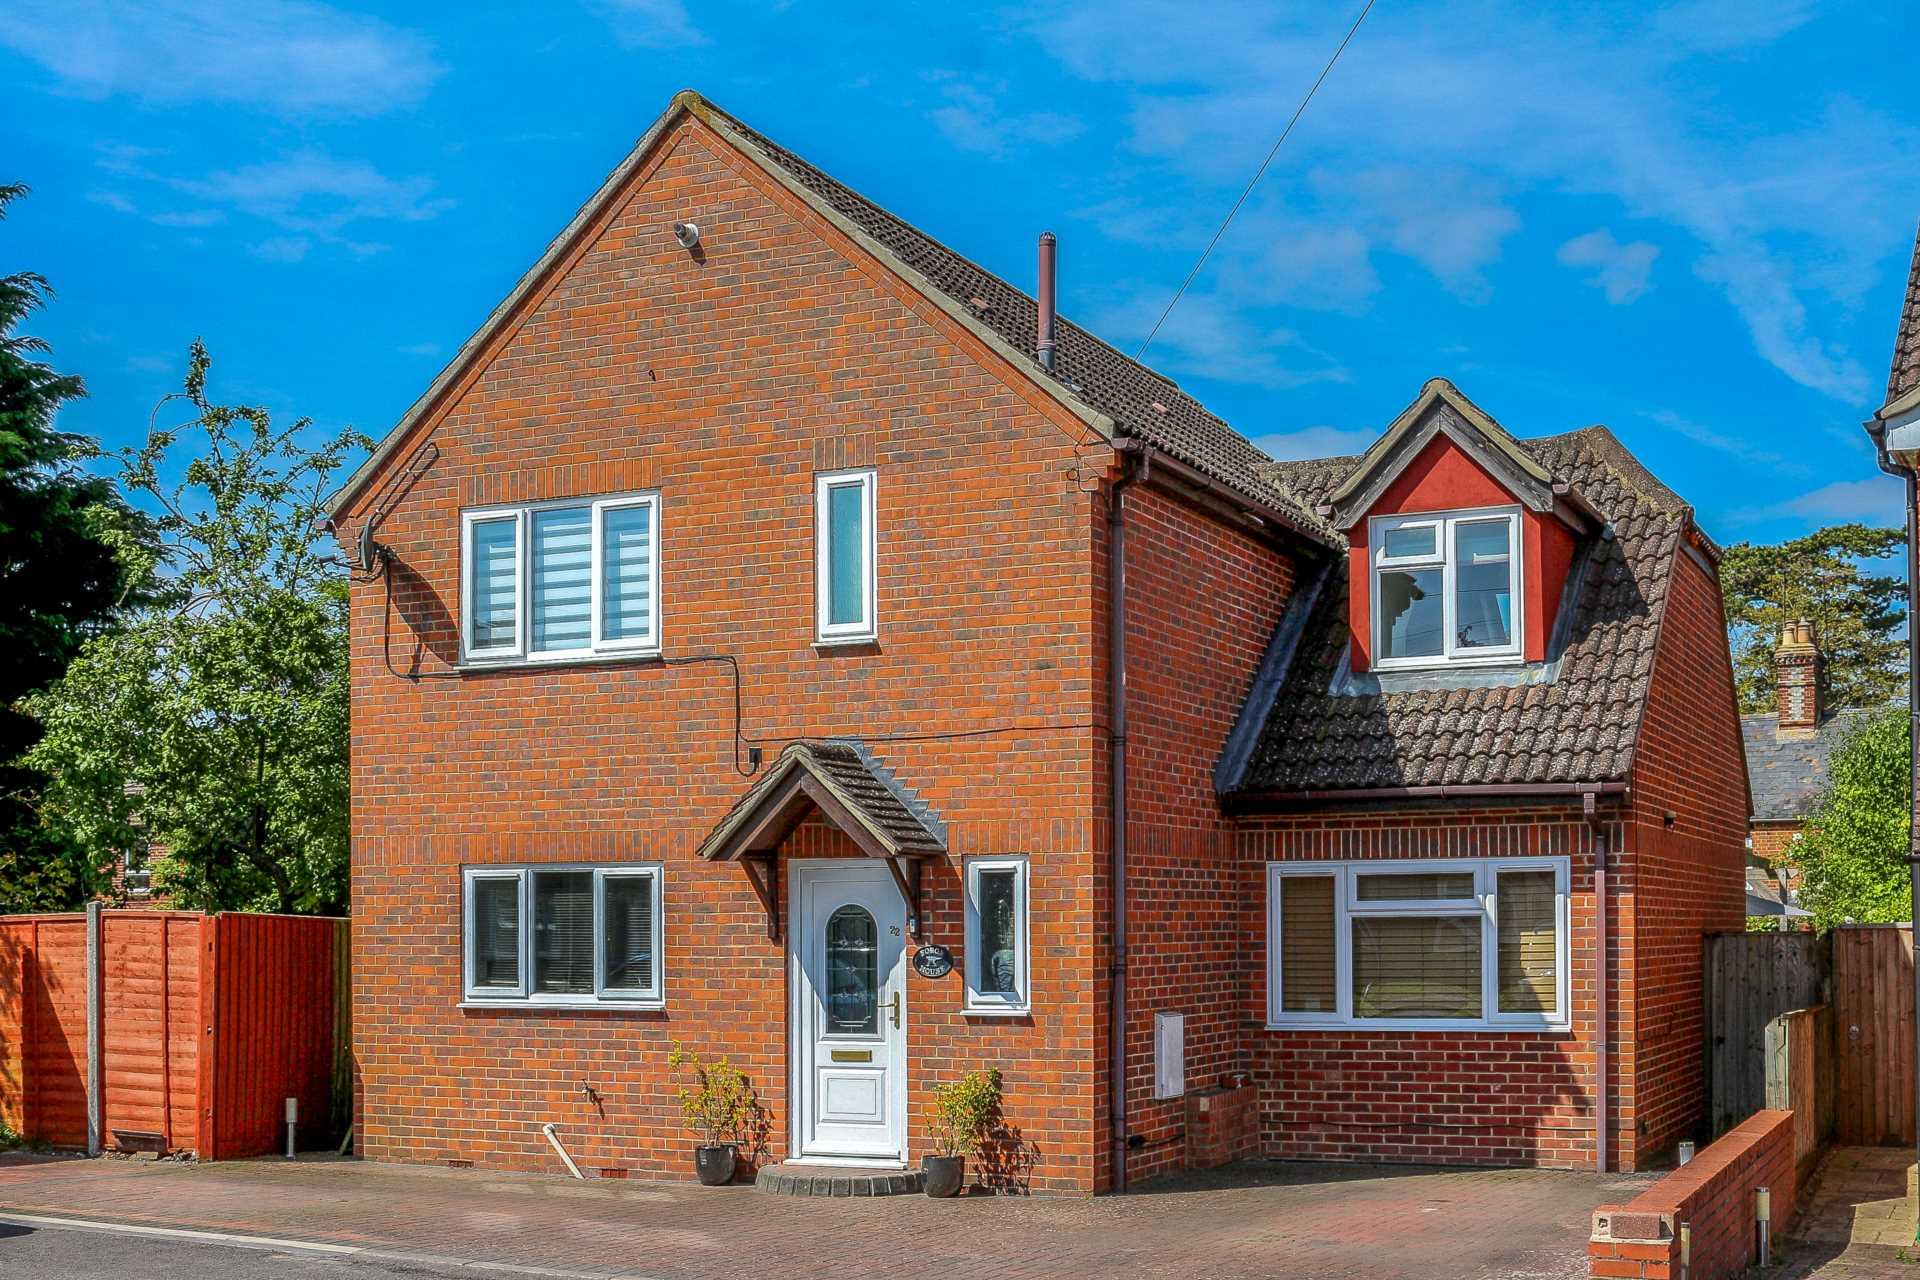 Amwell Place, Cholsey, Image 1